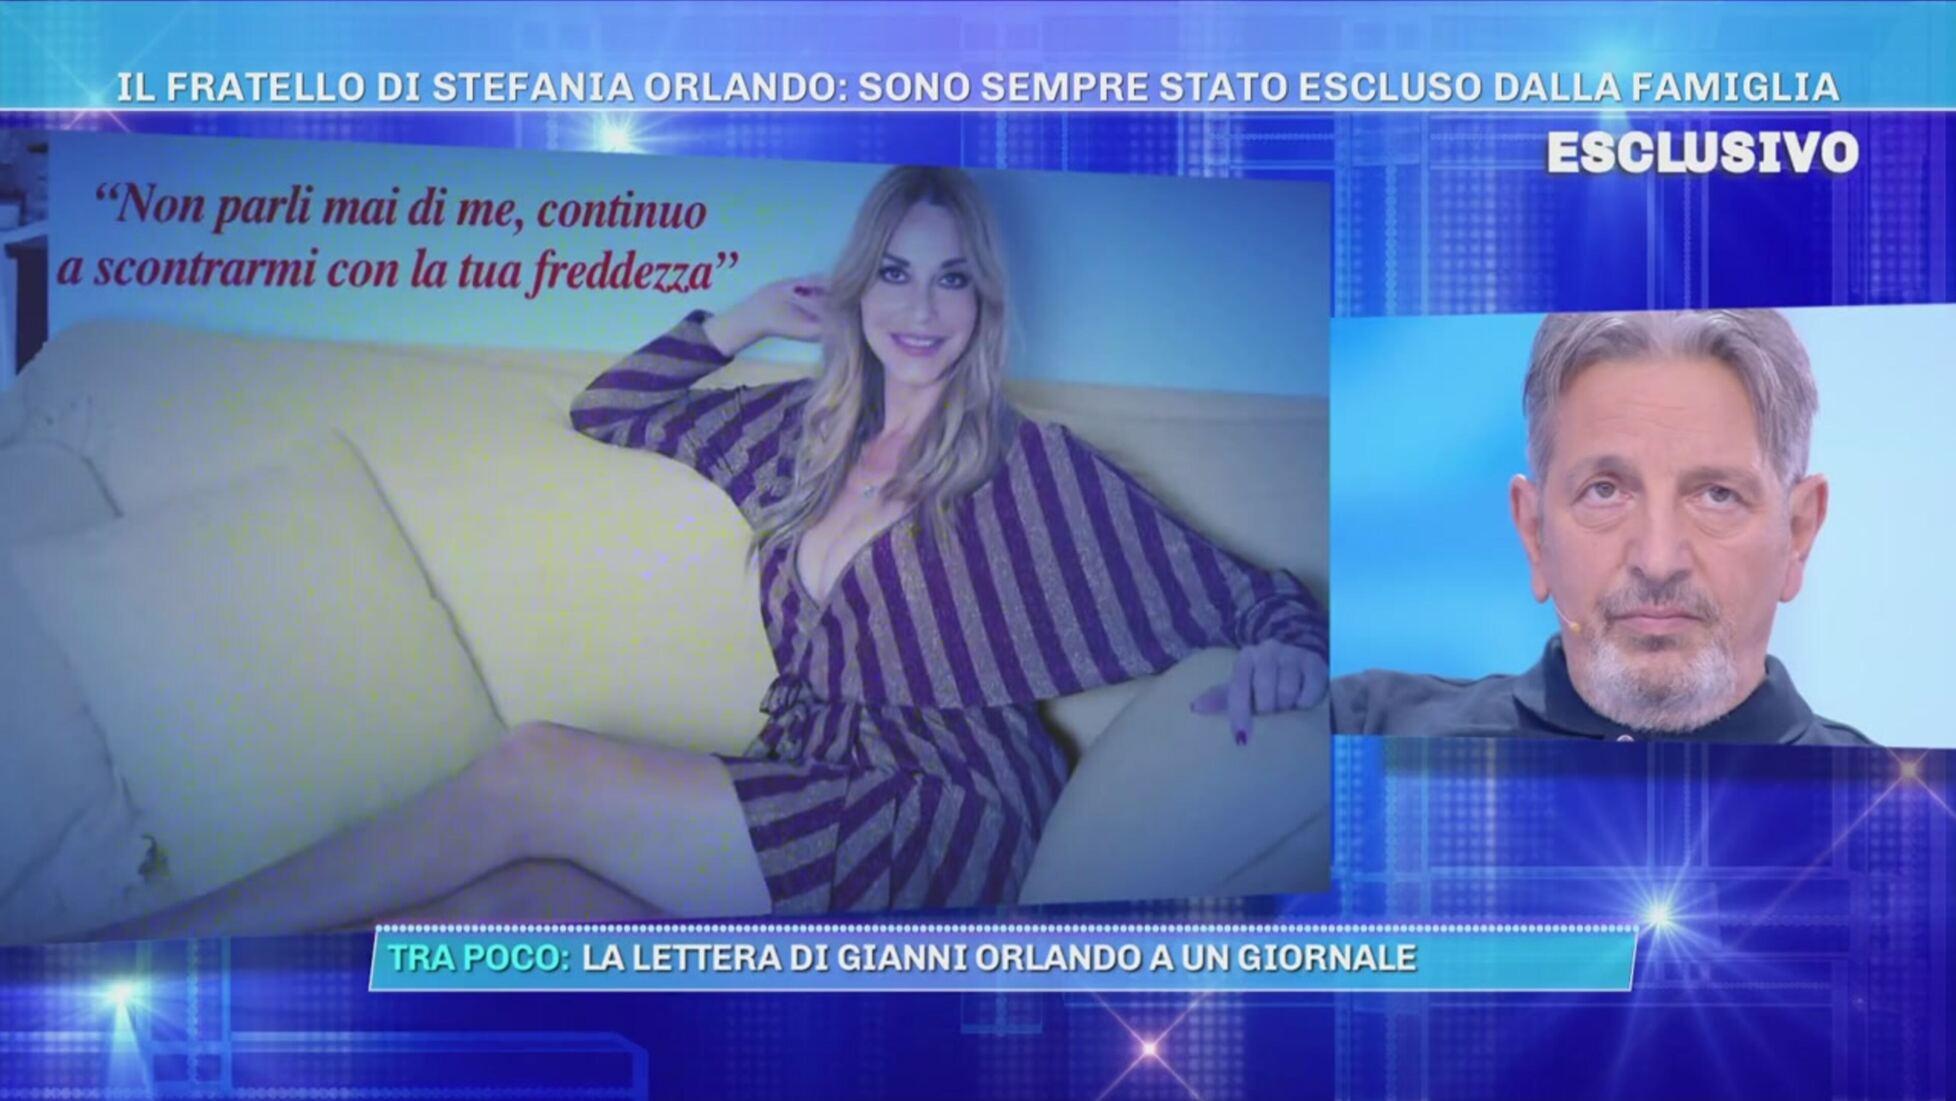 Stefania Orlando, lei e il GF Vip ignorano il fratello Gianni